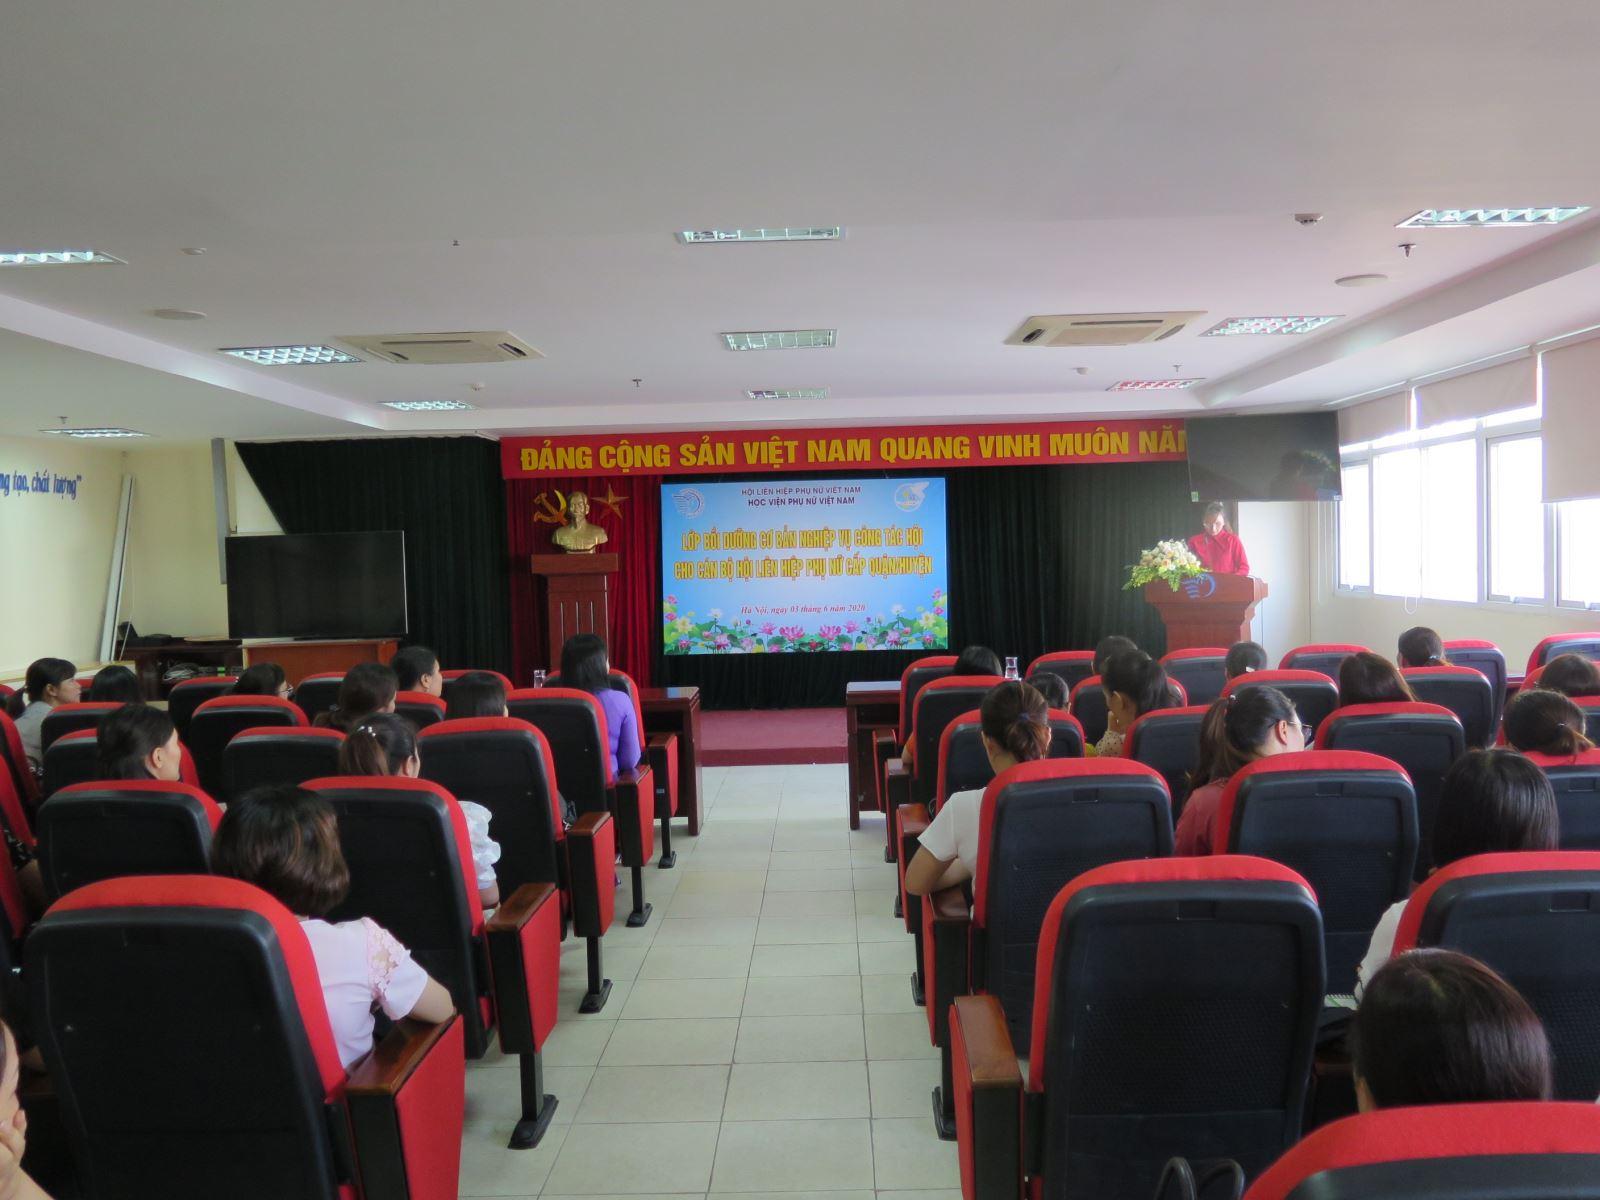 Lớp Bồi dưỡng nghiệp vụ cơ bản công tác Hội cho cán bộ Hội LHPN cấp quận/huyện